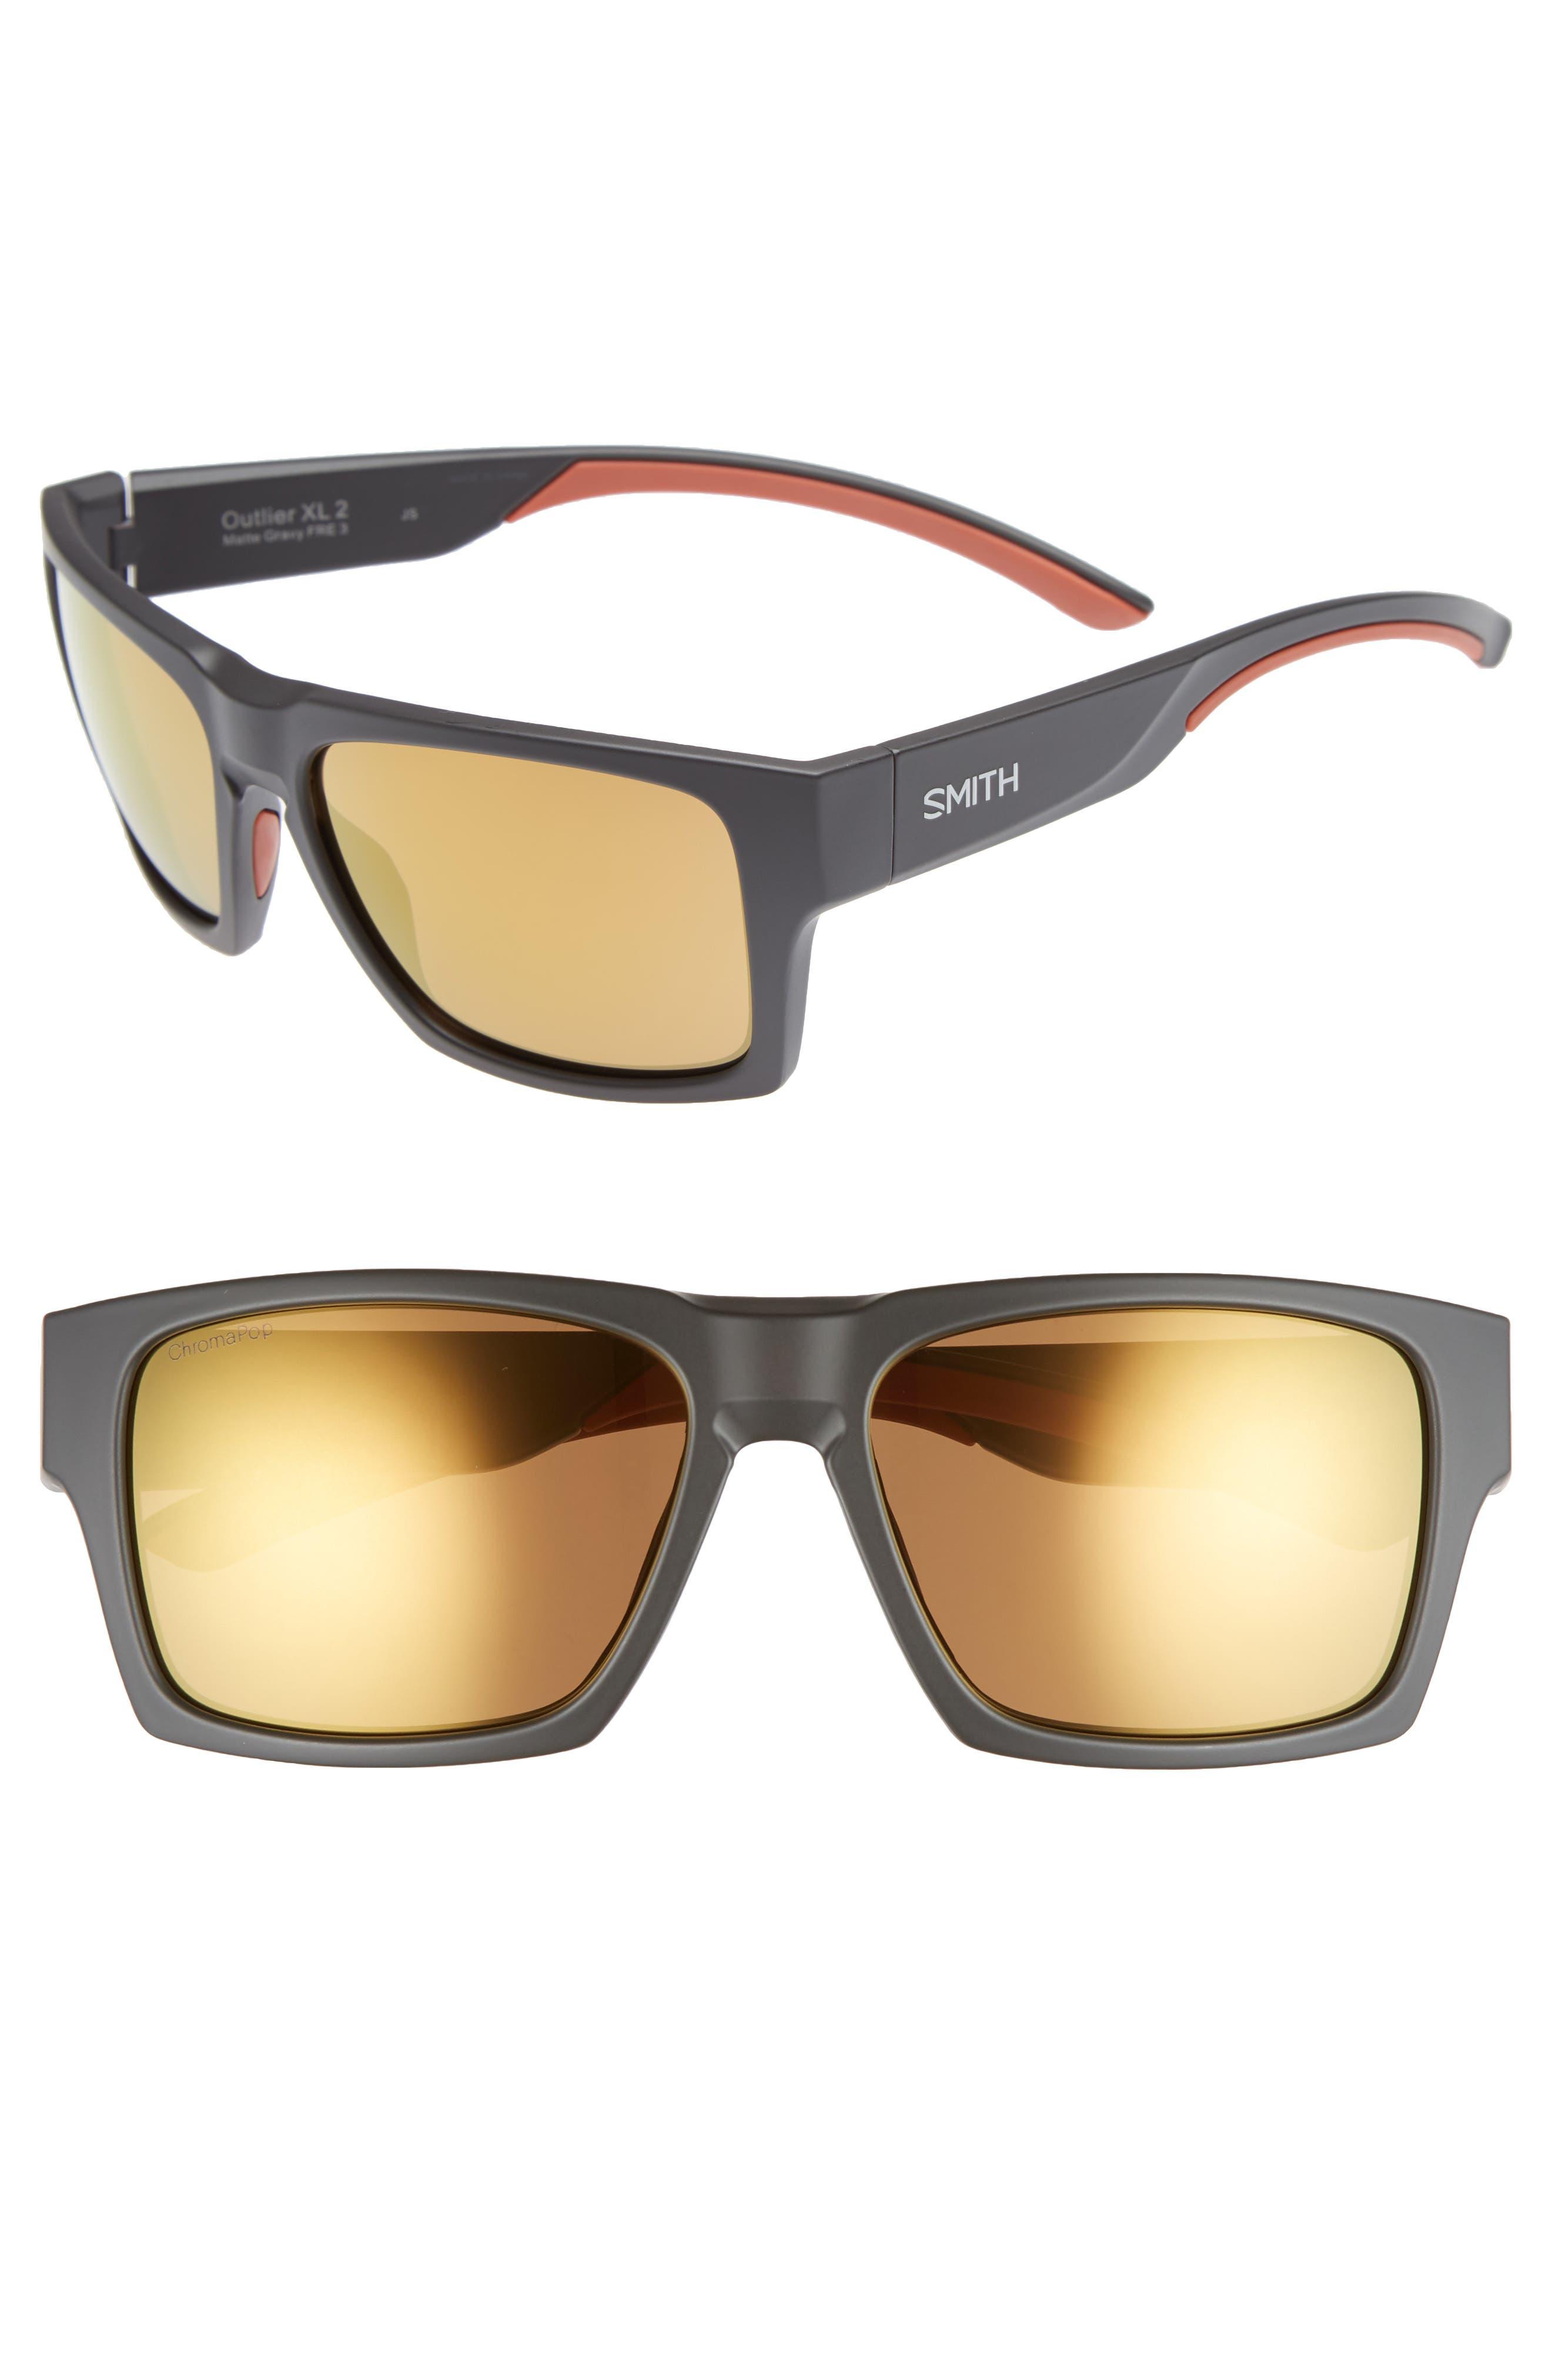 Outlier 2 XL 59mm ChromaPop Sunglasses,                         Main,                         color, MATTE GRAVY/ BRONZE MIRROR